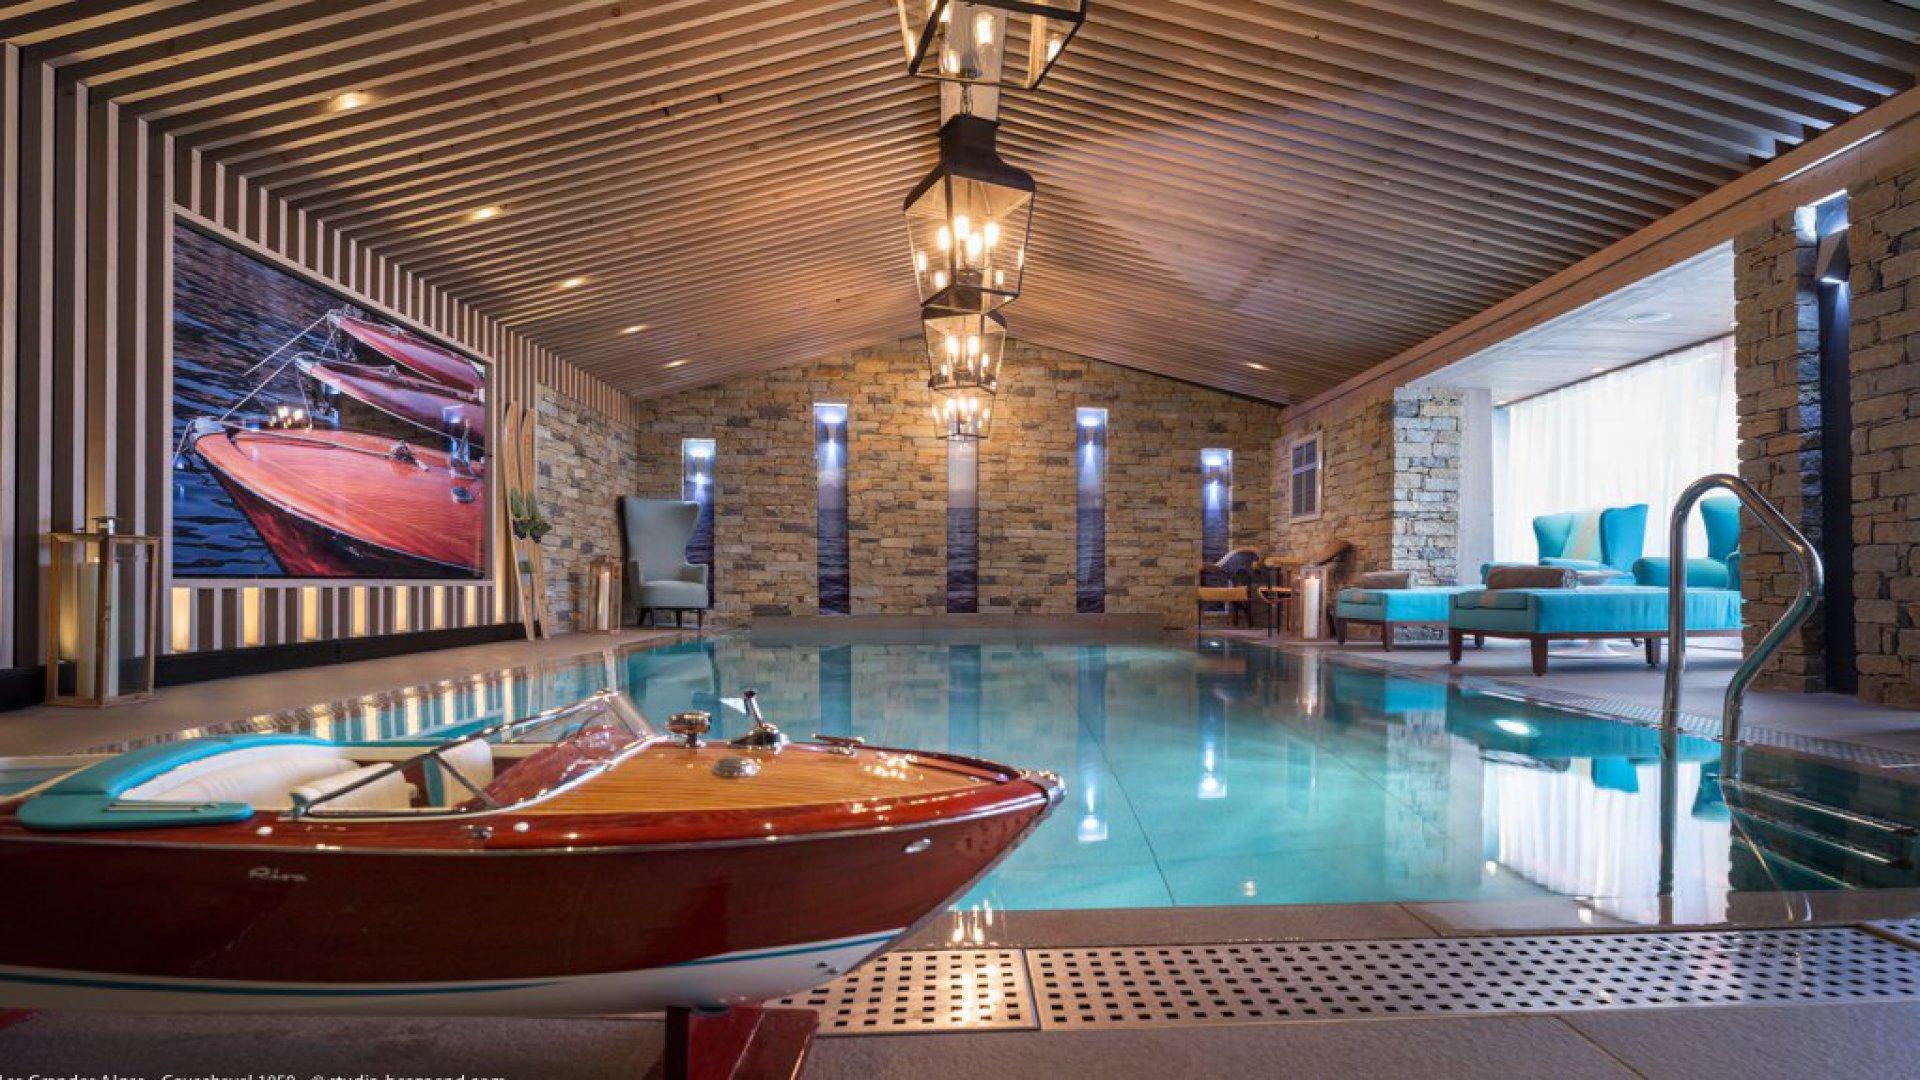 Courchevel chalet apartment rentals - Interieur hotel de luxe ...